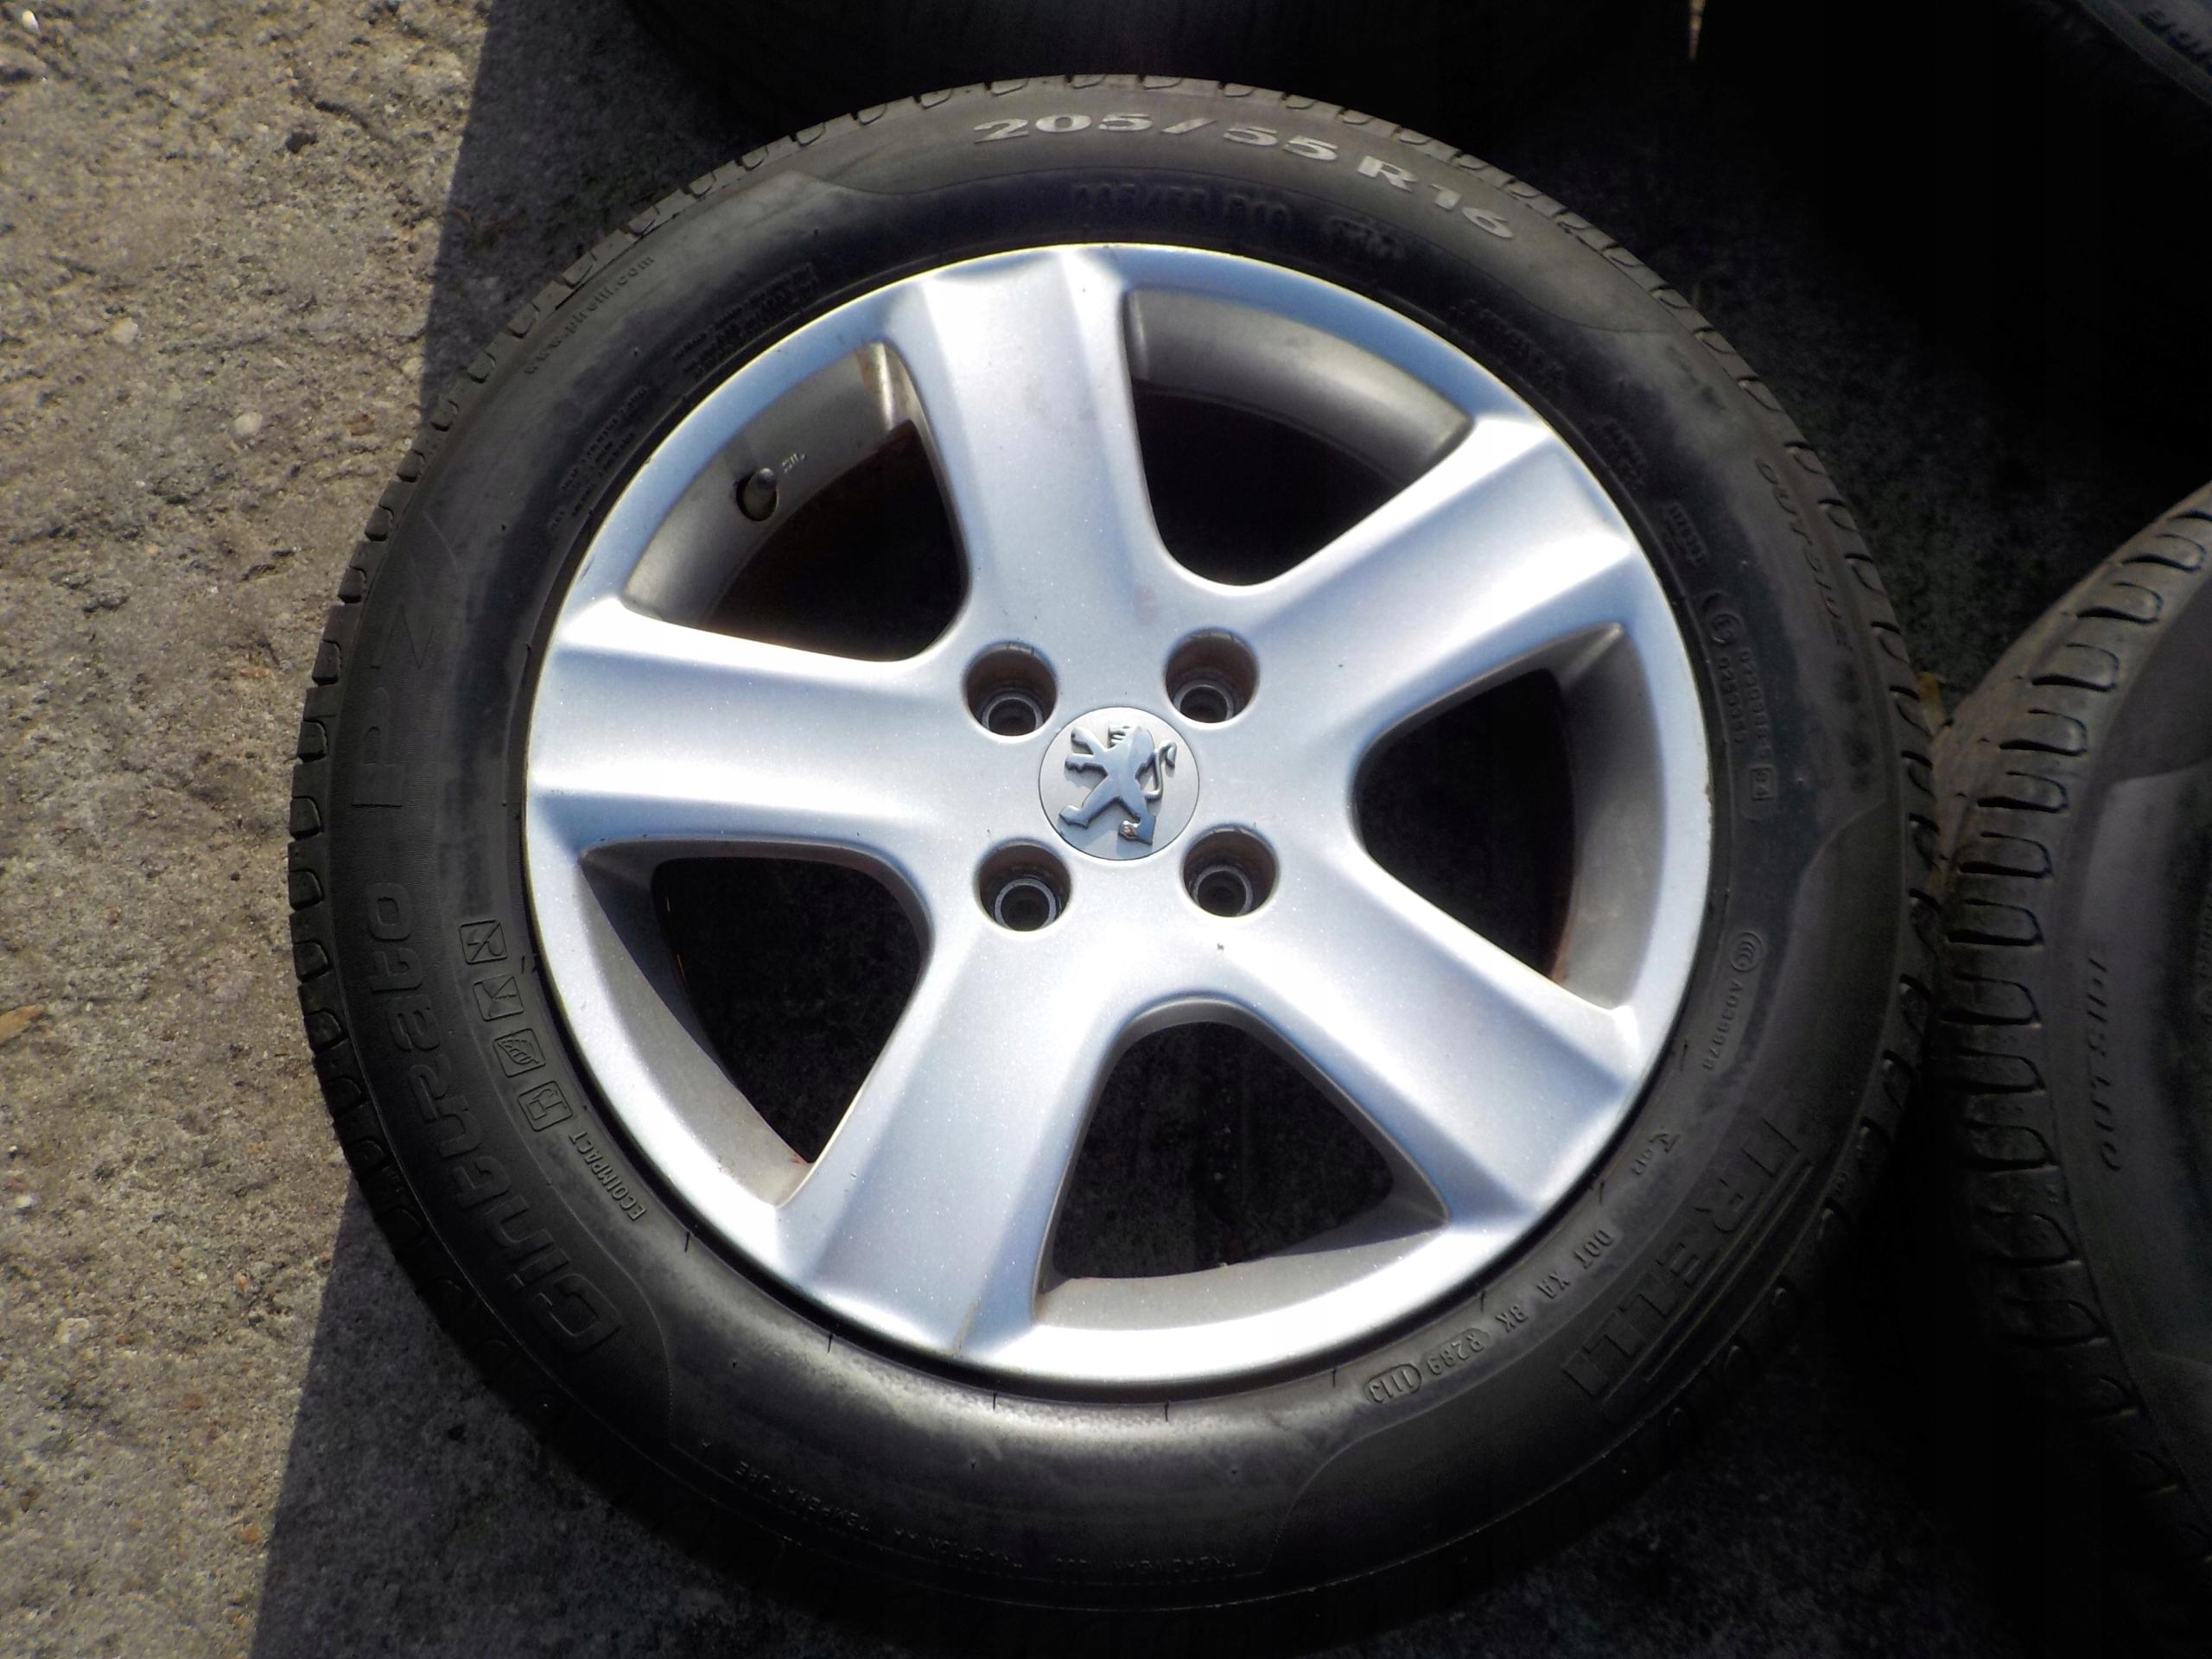 Felgi Opony Letnie 20555 R16 Peugeot 207 307 308 7556391155